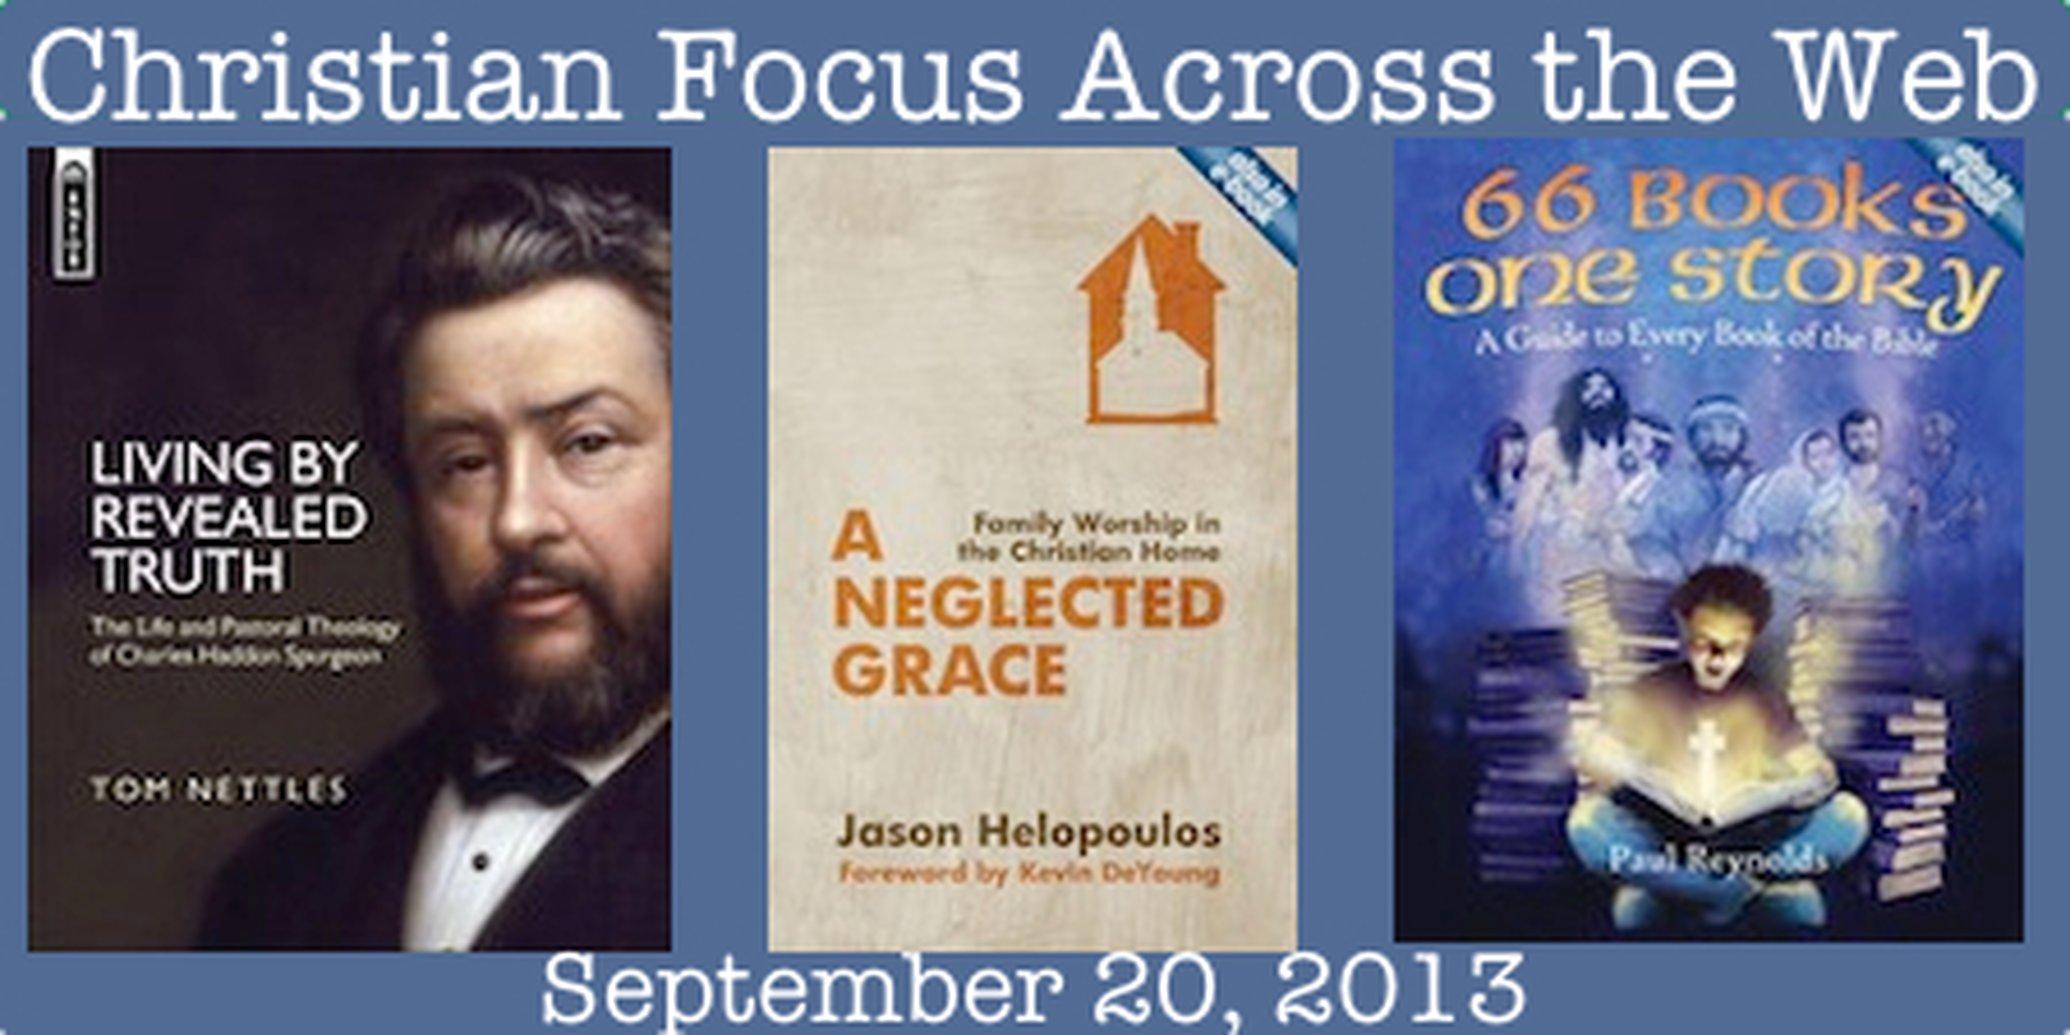 Christian Focus Across the Web - September 20, 2013